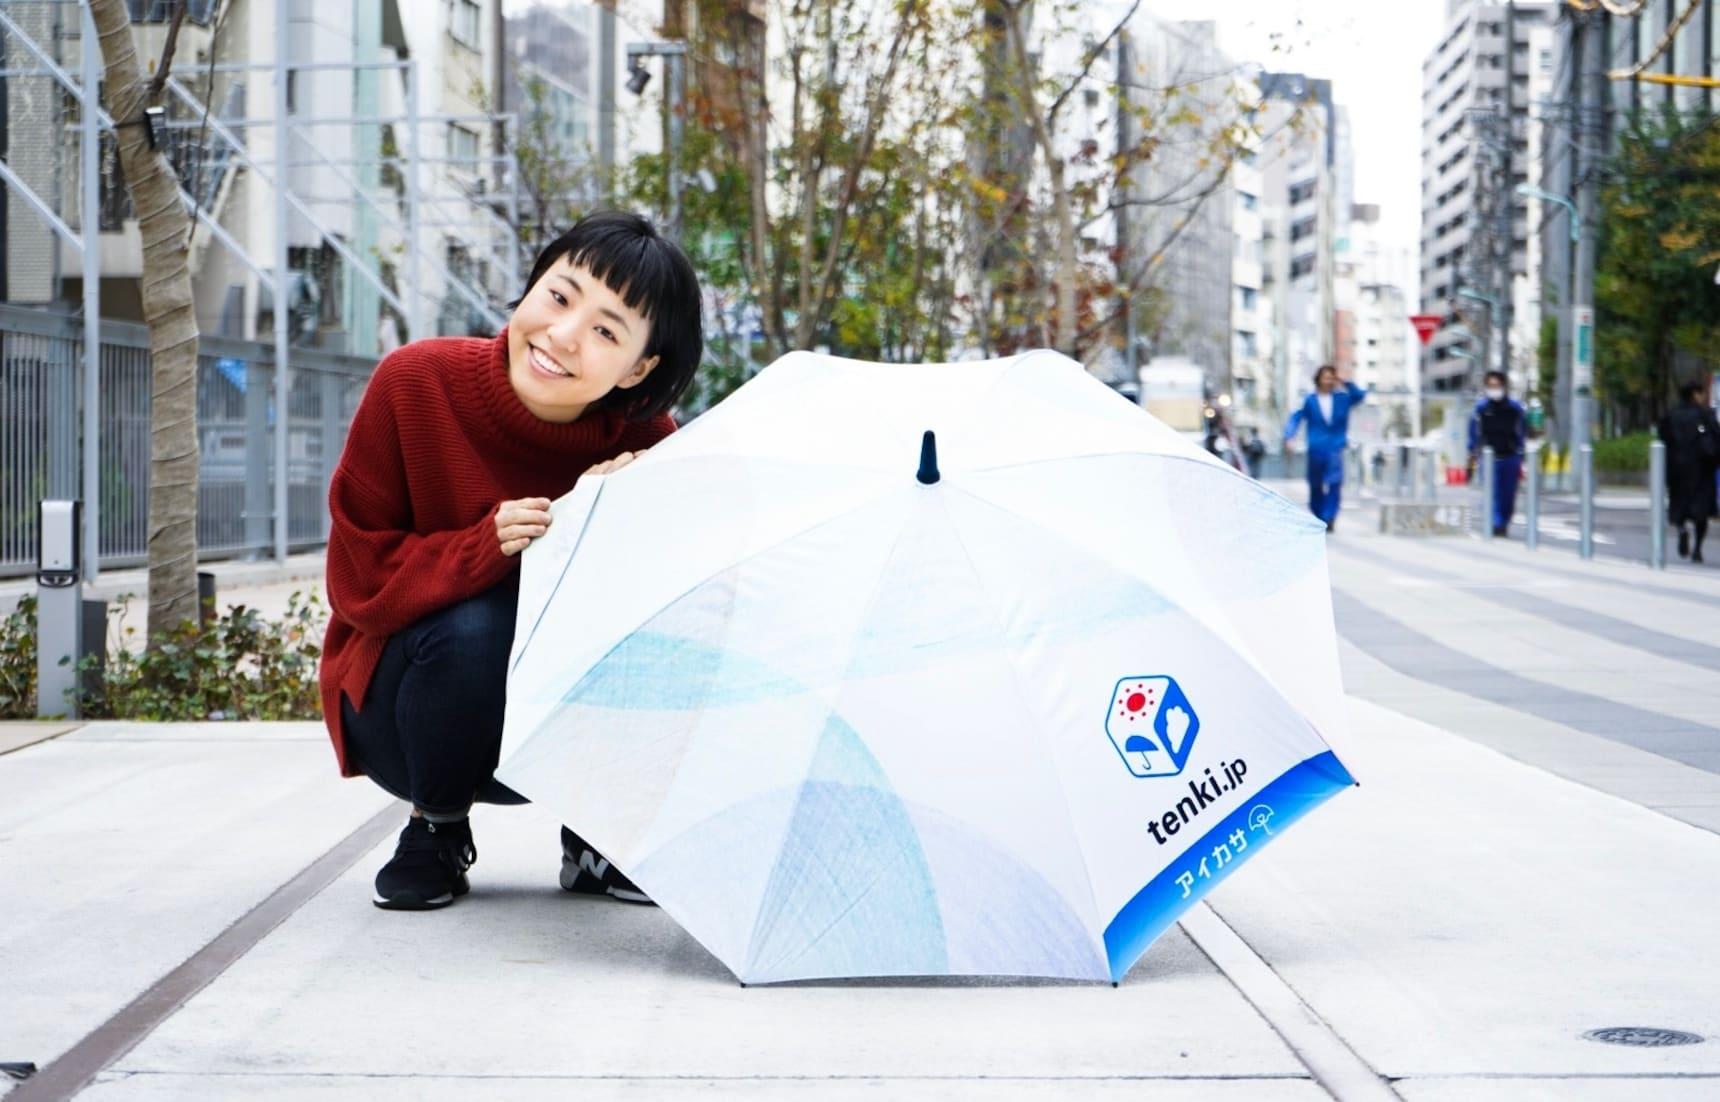 【日本共享服務】借傘還有好康?!面對突然來的大雨時請善用「ikasa」